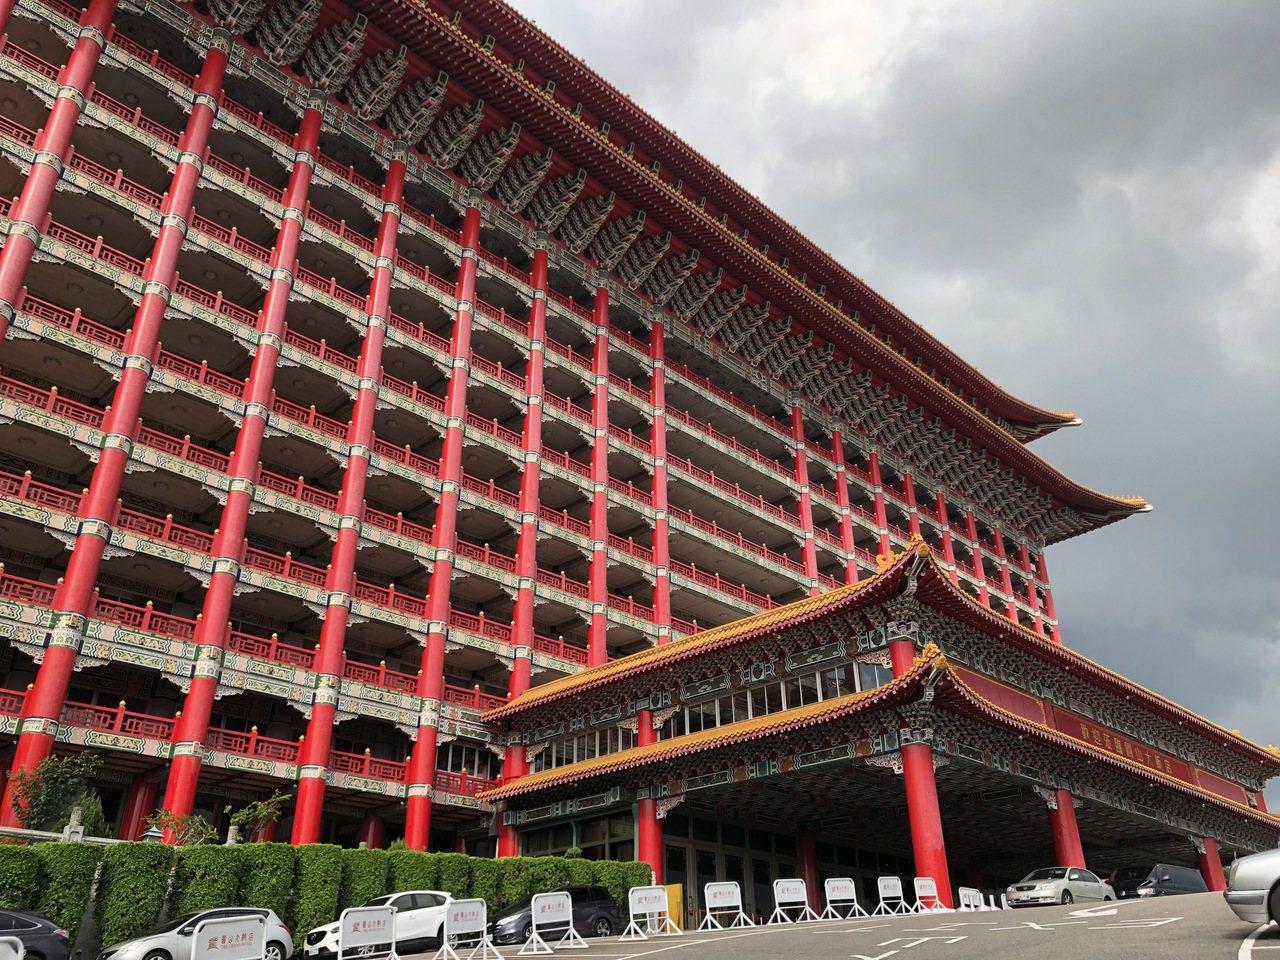 圓山飯店成立於1952年、歷時十年外觀全部落成,早年為台灣元首招待外賓的國家級宴...